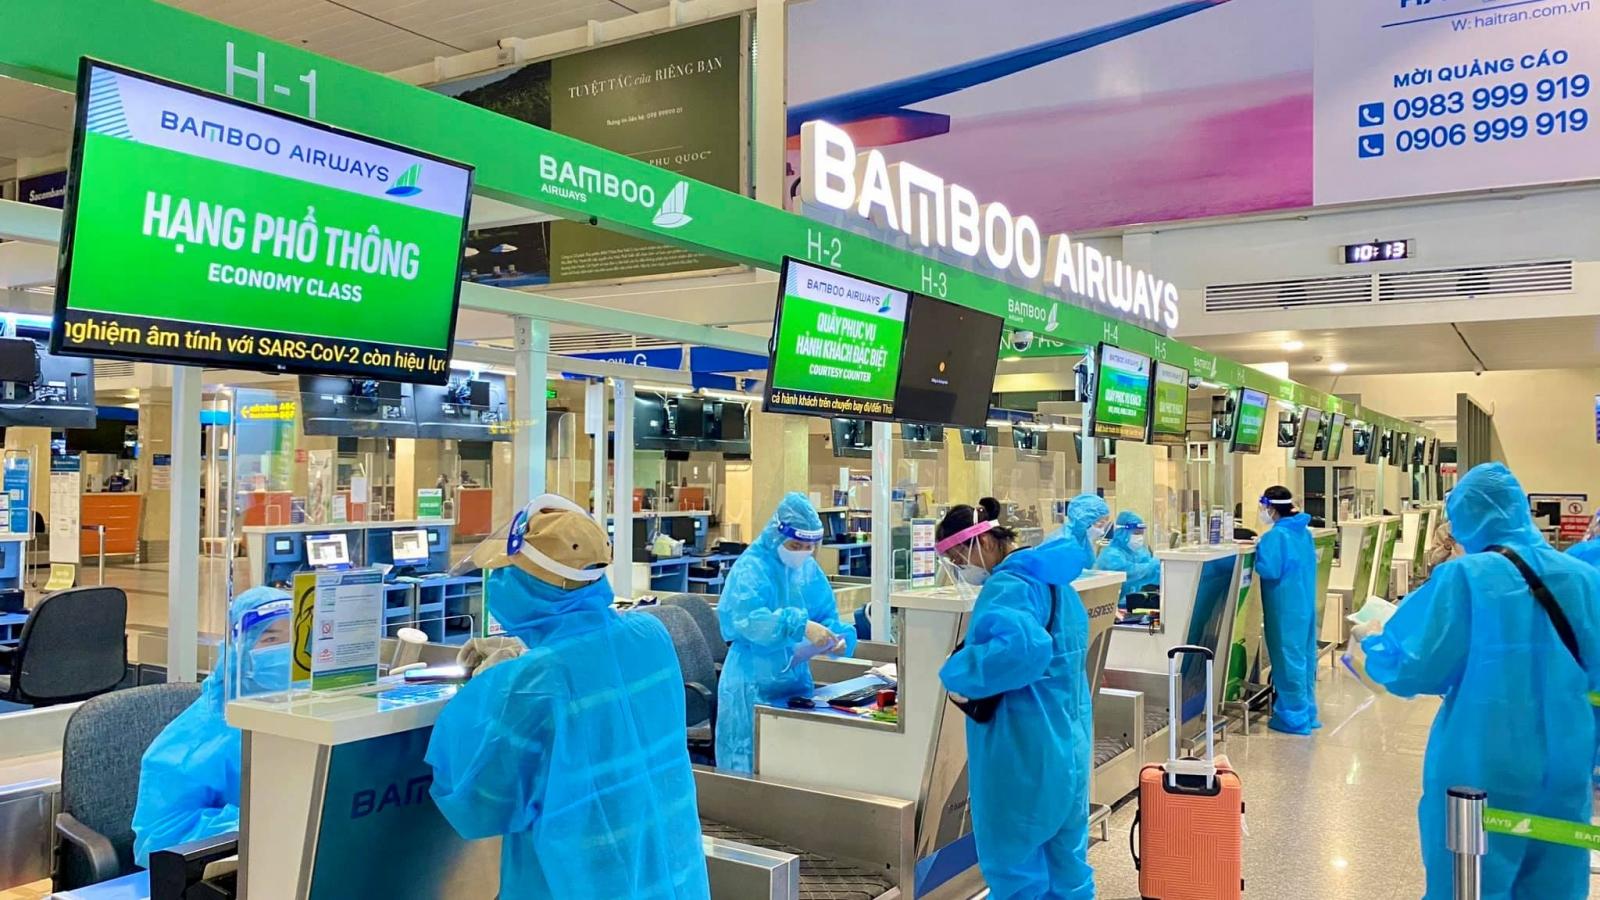 Bamboo Airways chở gần 700 công dân Bắc Ninh từ TP.HCM về quê